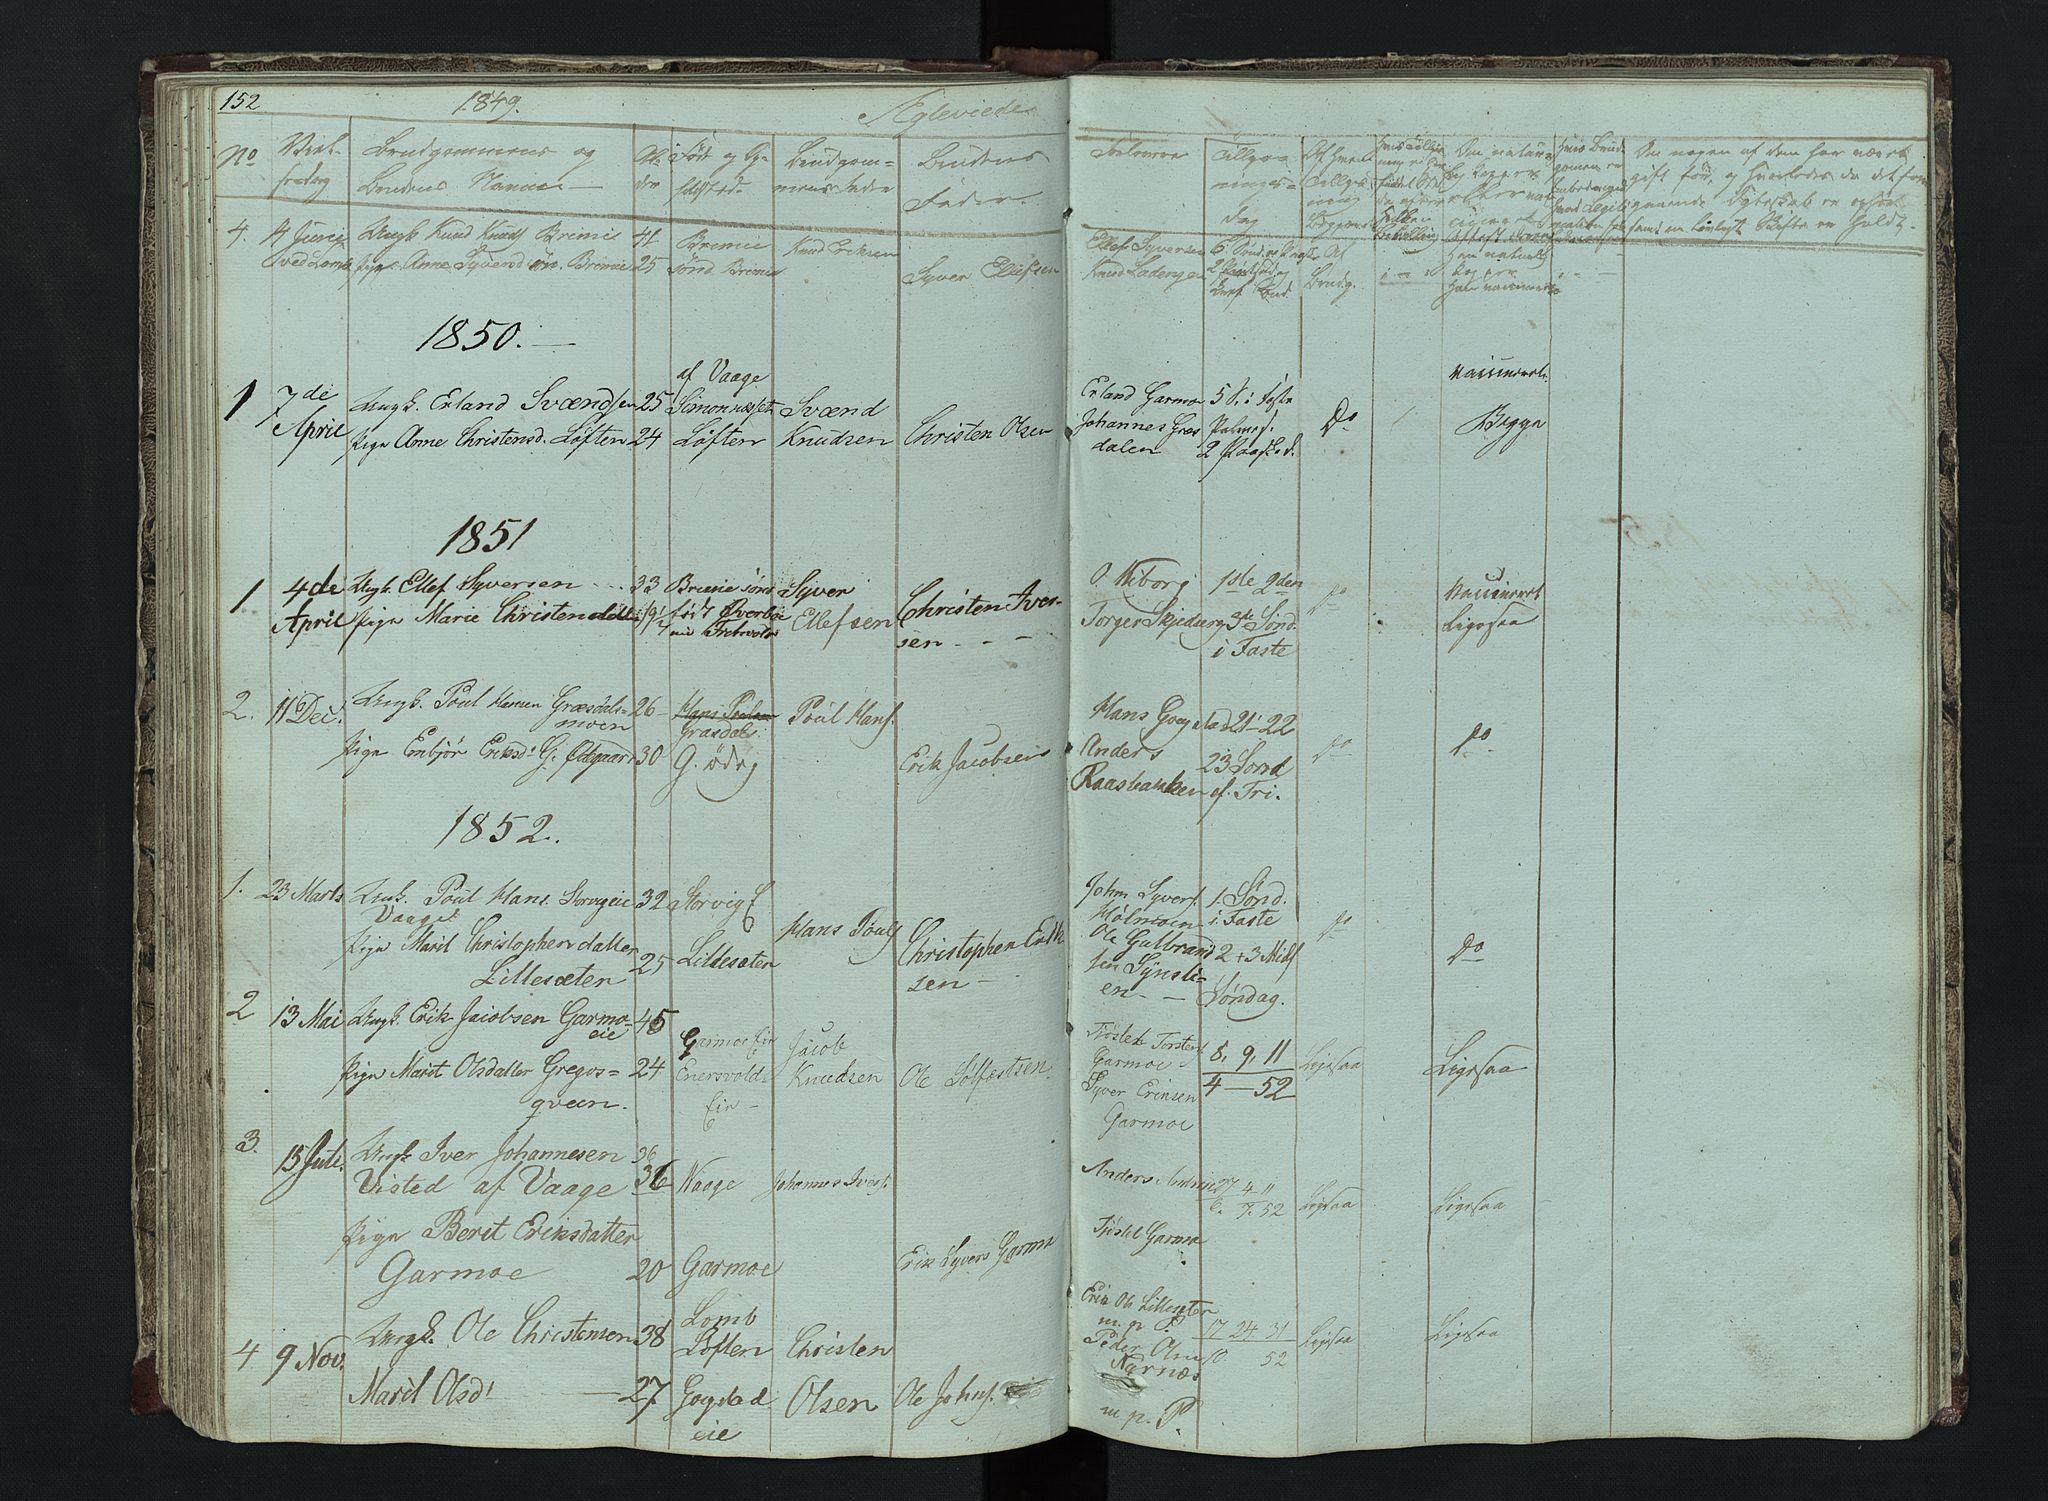 SAH, Lom prestekontor, L/L0014: Klokkerbok nr. 14, 1845-1876, s. 152-153